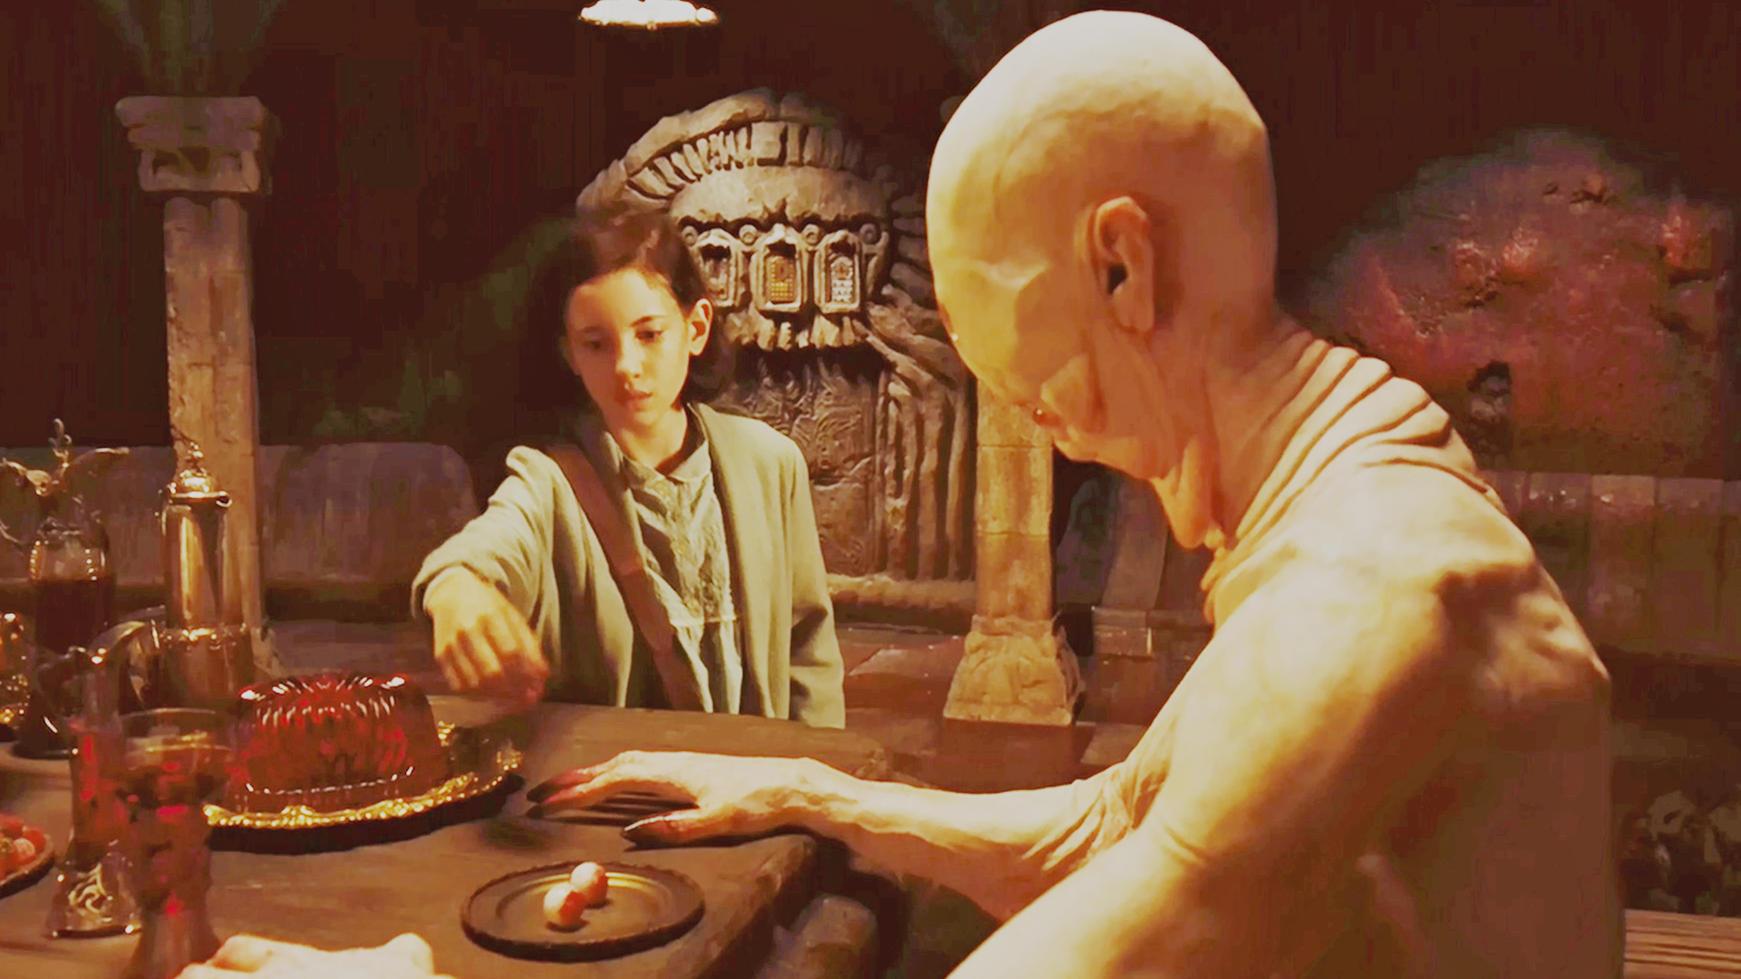 #惊悚看电影#小女孩来到一所宫殿,偷偷尝了一颗食物,没想到唤醒了沉睡的恶魔